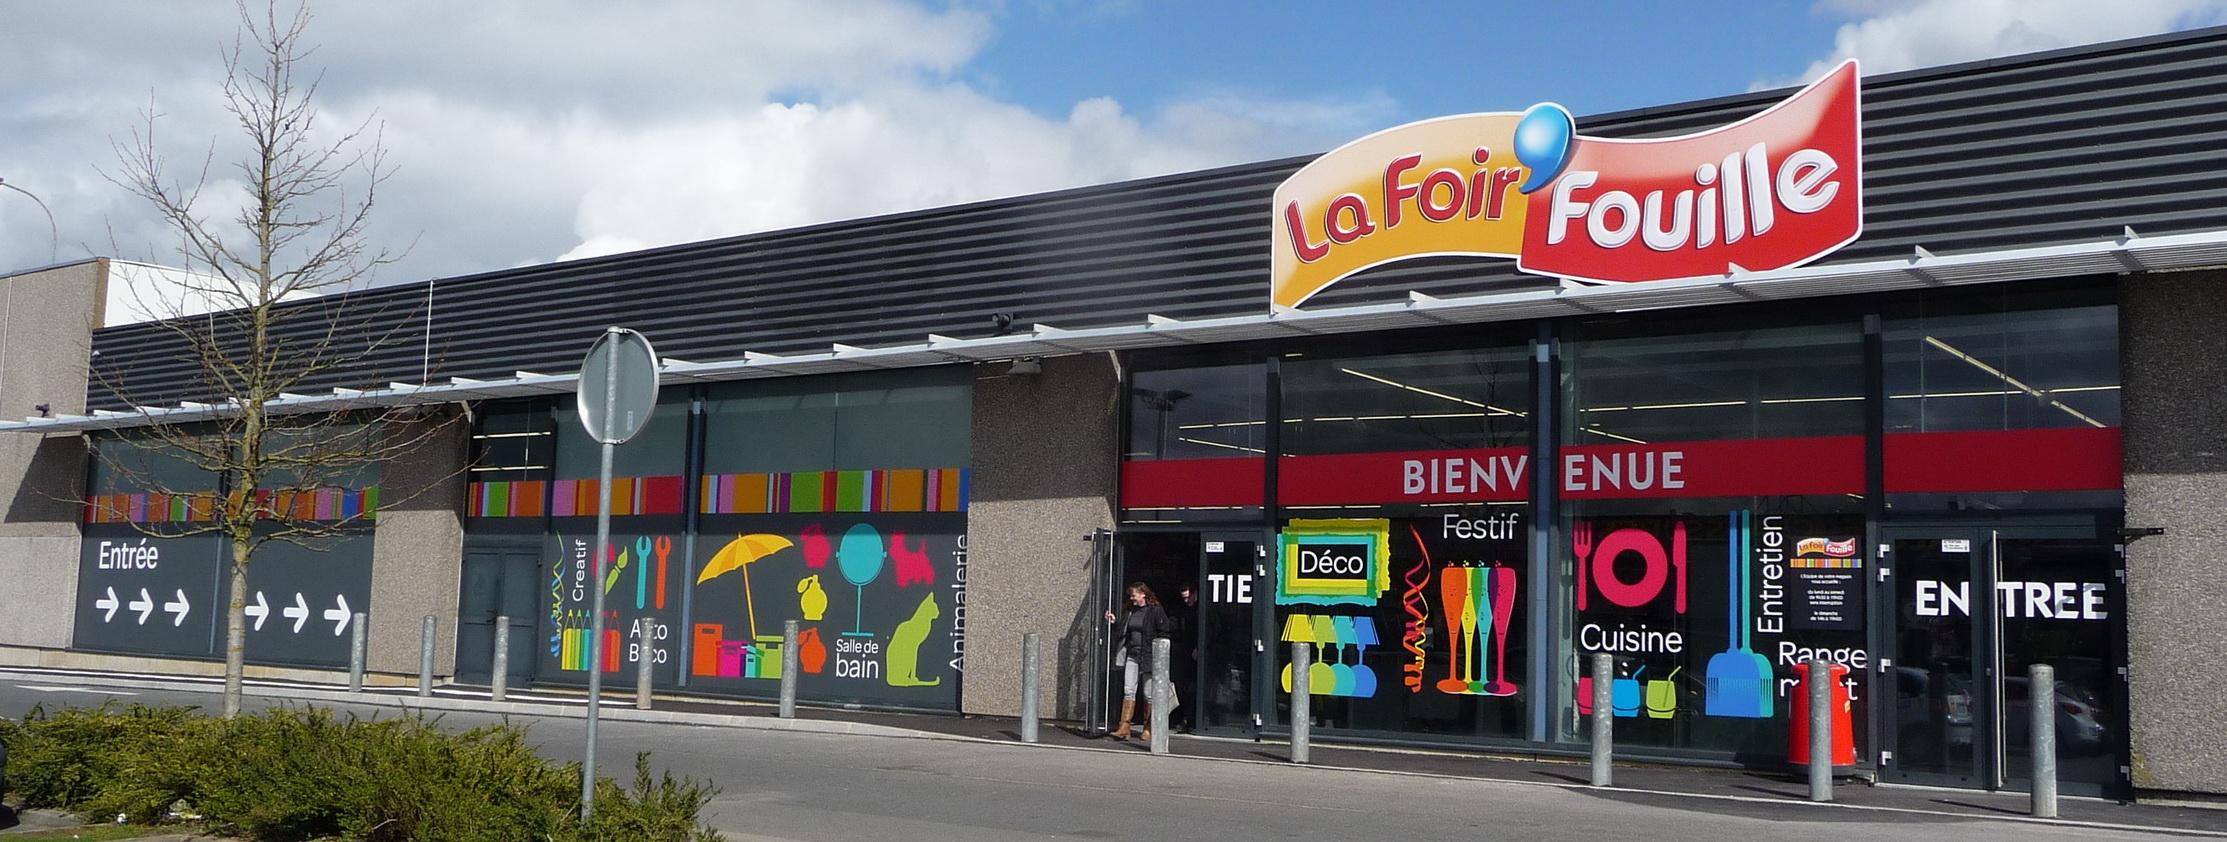 Service Client La Foir'fouille, Contacter La Foir'fouille ... tout Foire Fouille